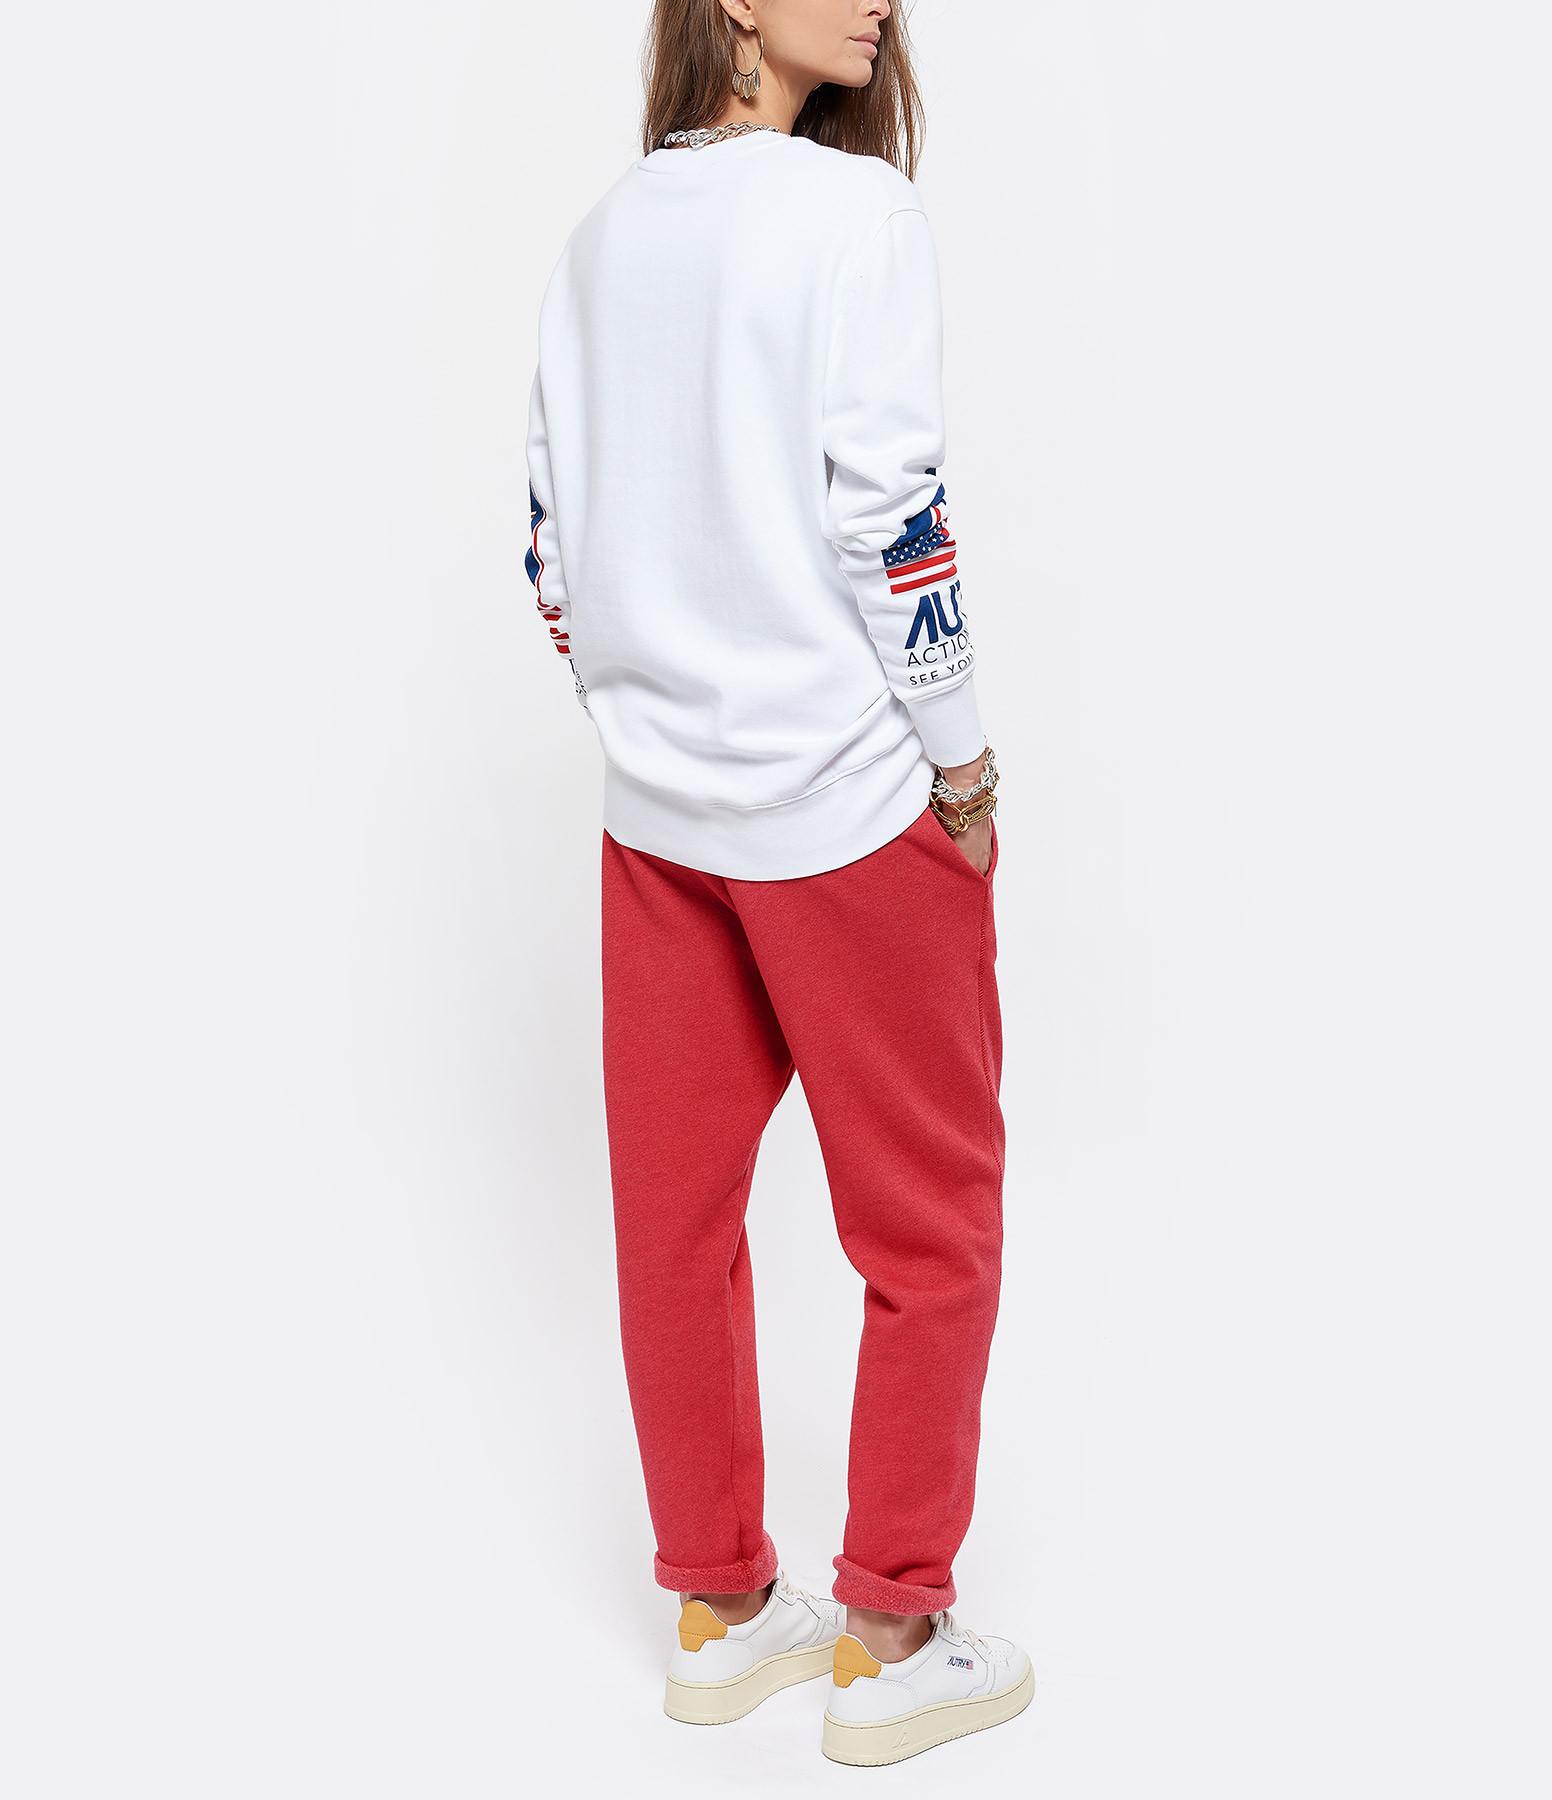 AUTRY - Sweatshirt Double Flag Coton Blanc, Capsule